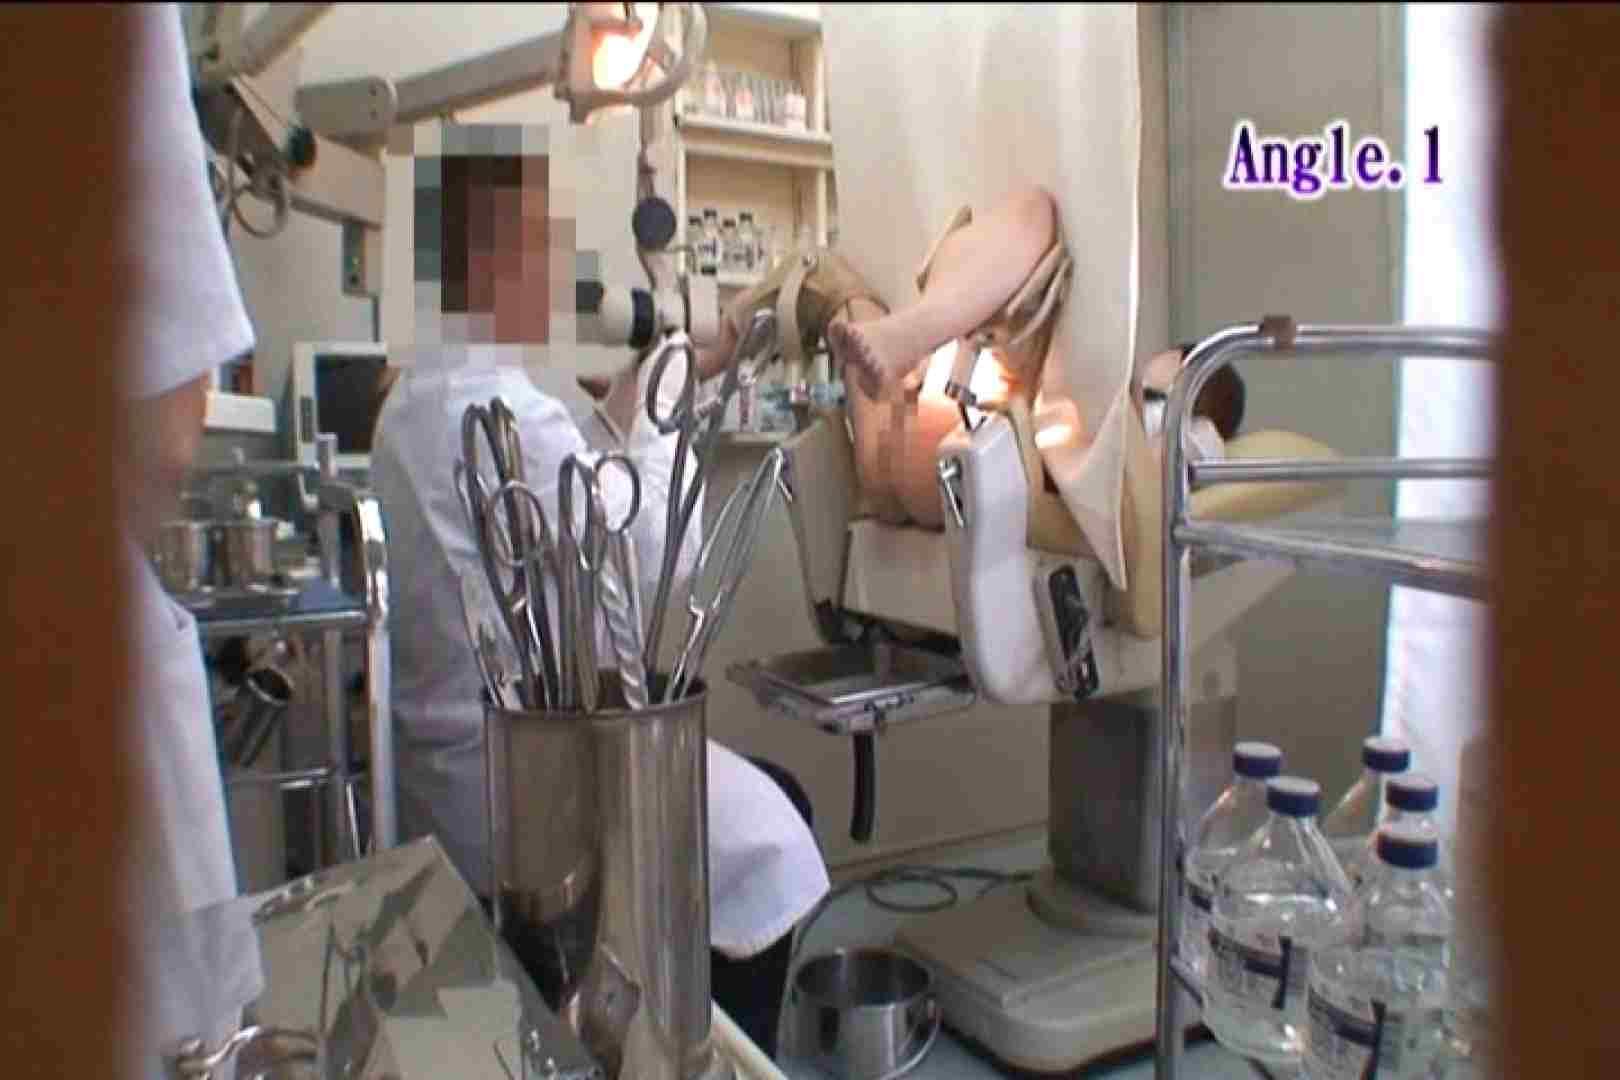 患者のおまんこをコレクションする変態医師の流出映像Vol.1 おまんこ無修正  47pic 26